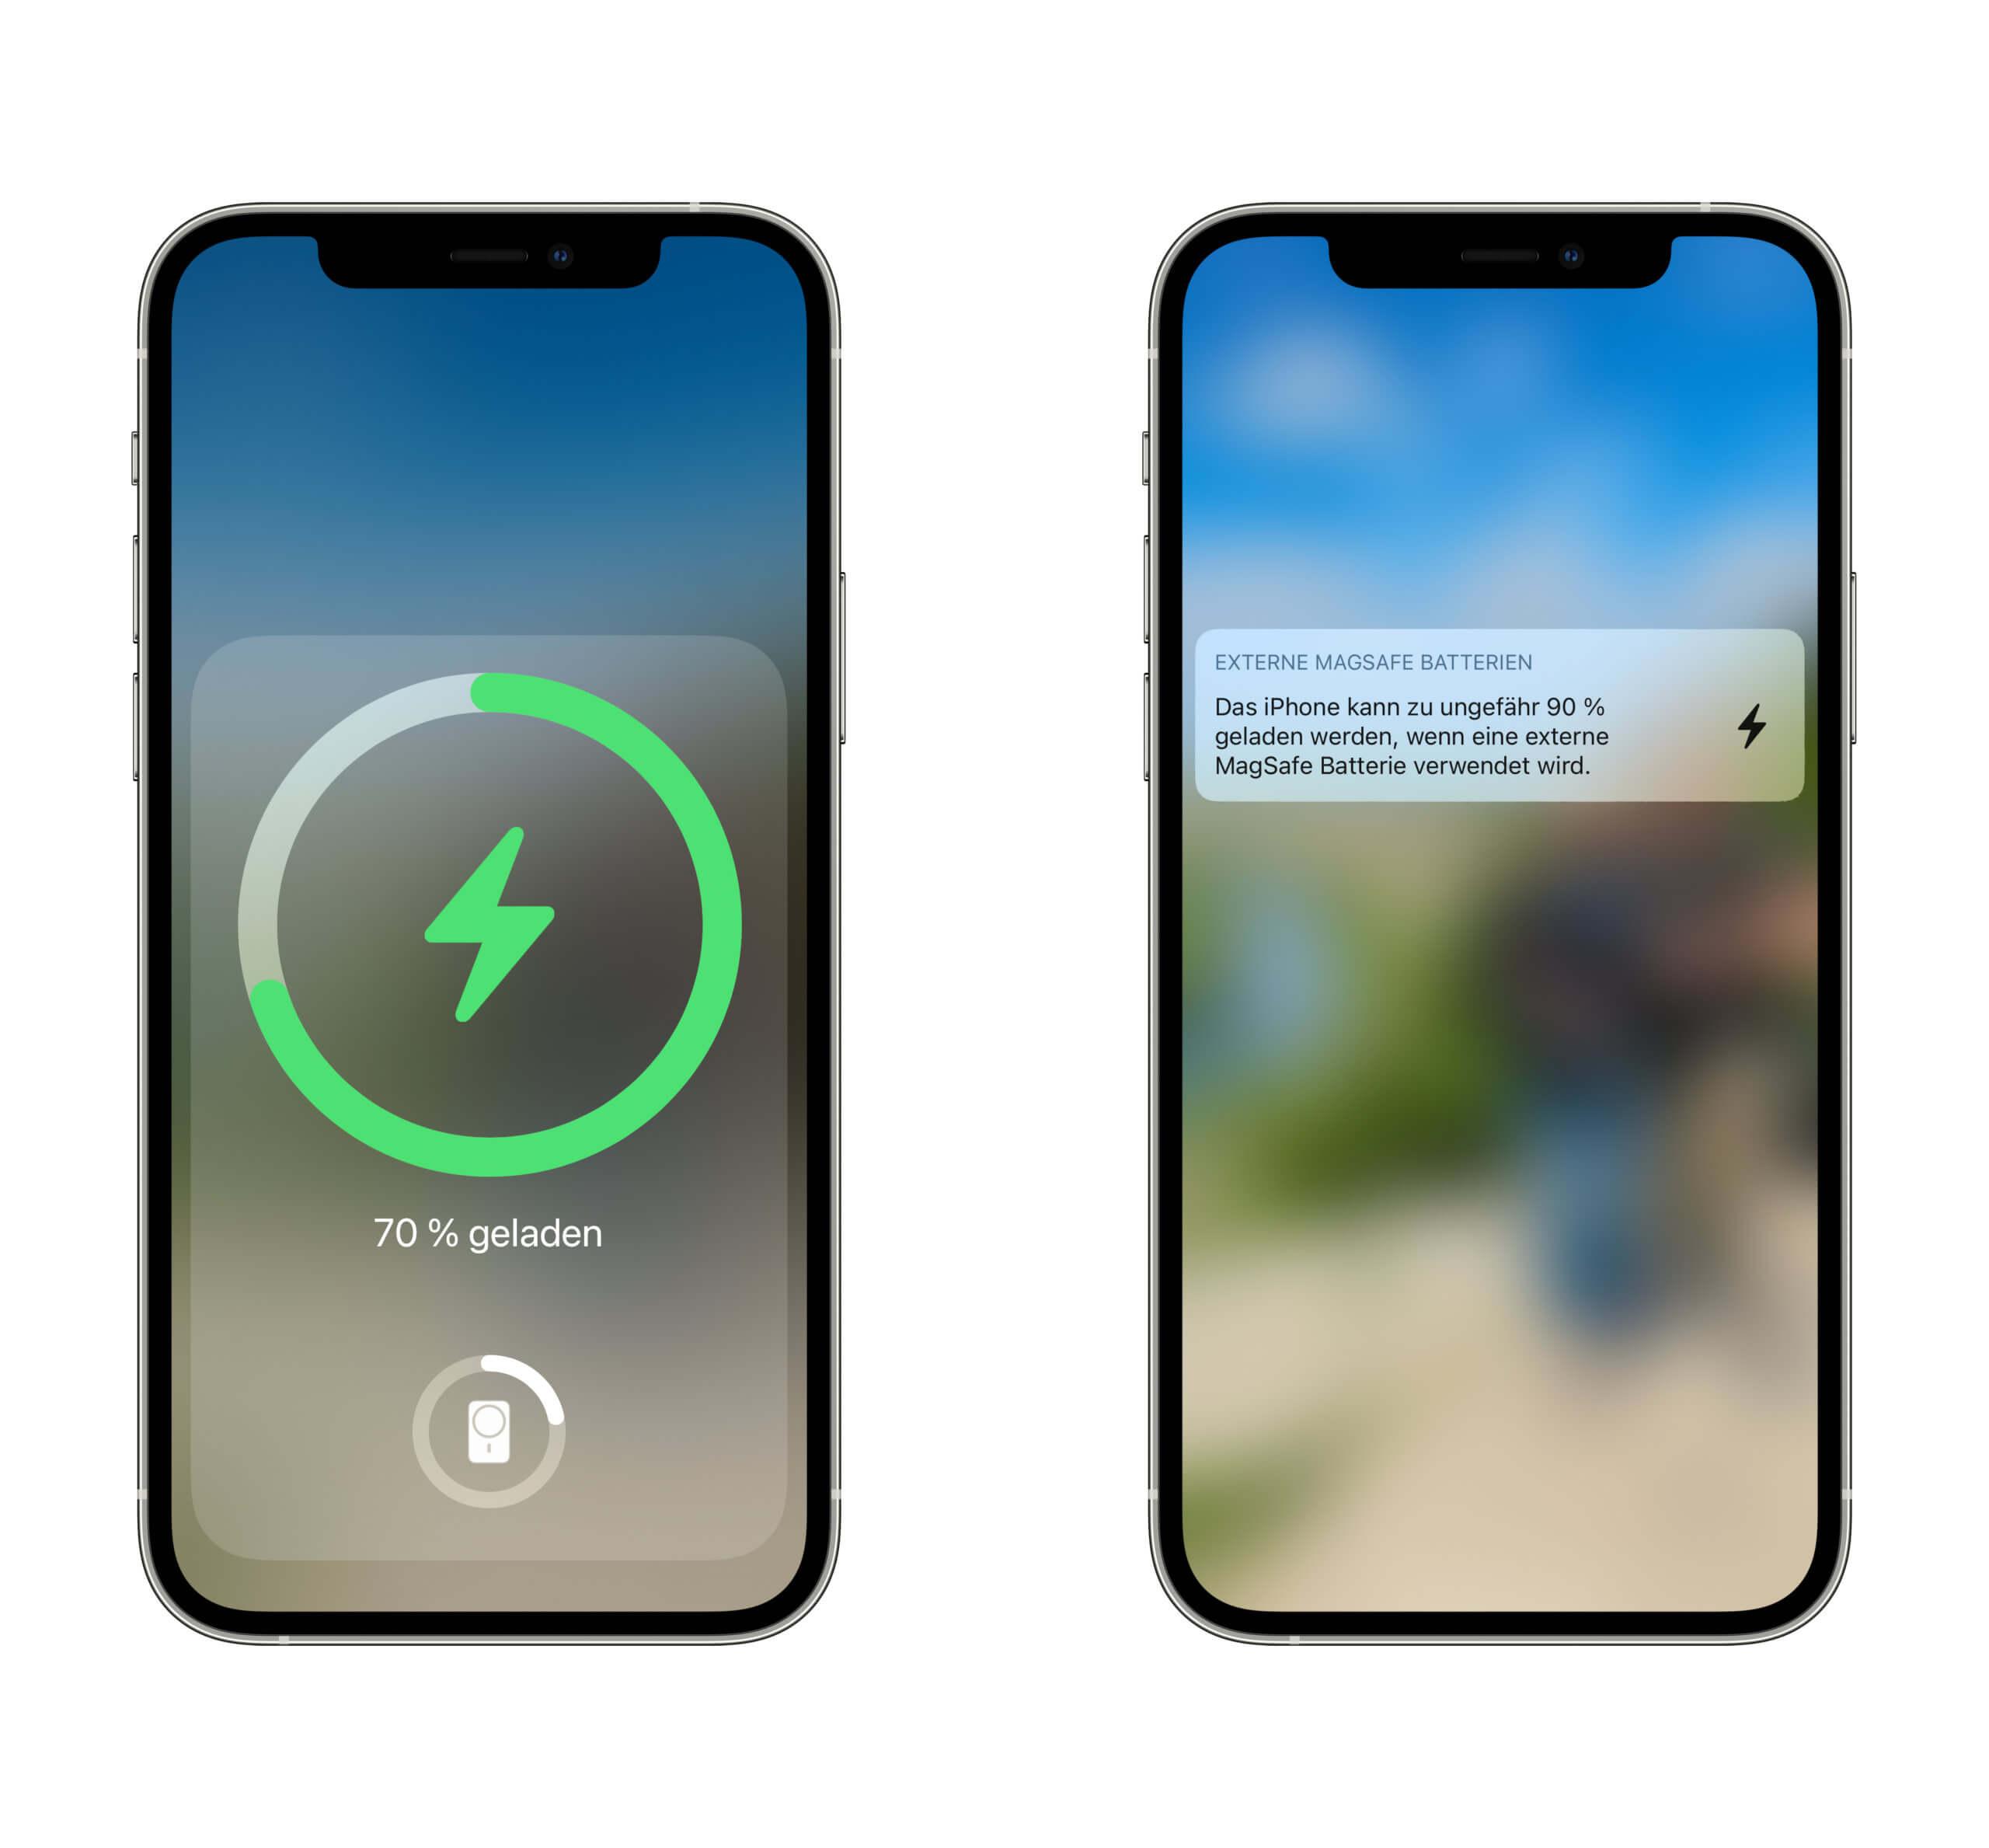 Die kleinen Software-Integrationen des MagSafe Battery Packs sind nett, aber nicht unbedingt notwendig.